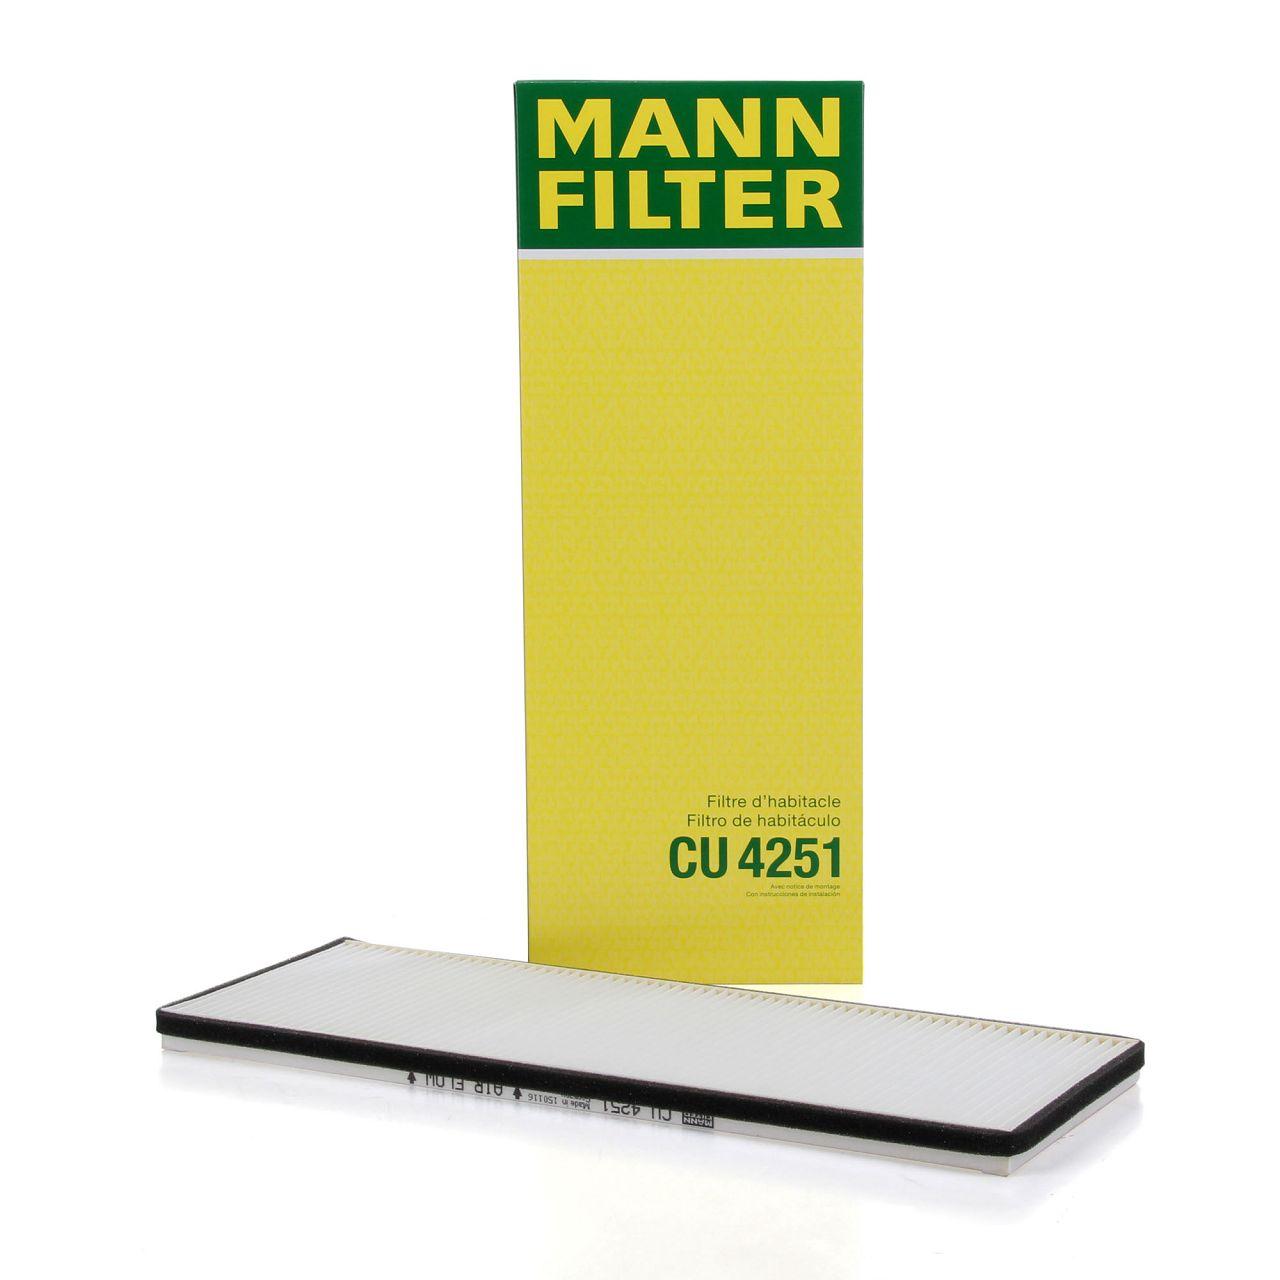 MANN Innenraumfilter Pollenfilter Partikelfilter CU4251 für Opel Astra F Corsa B